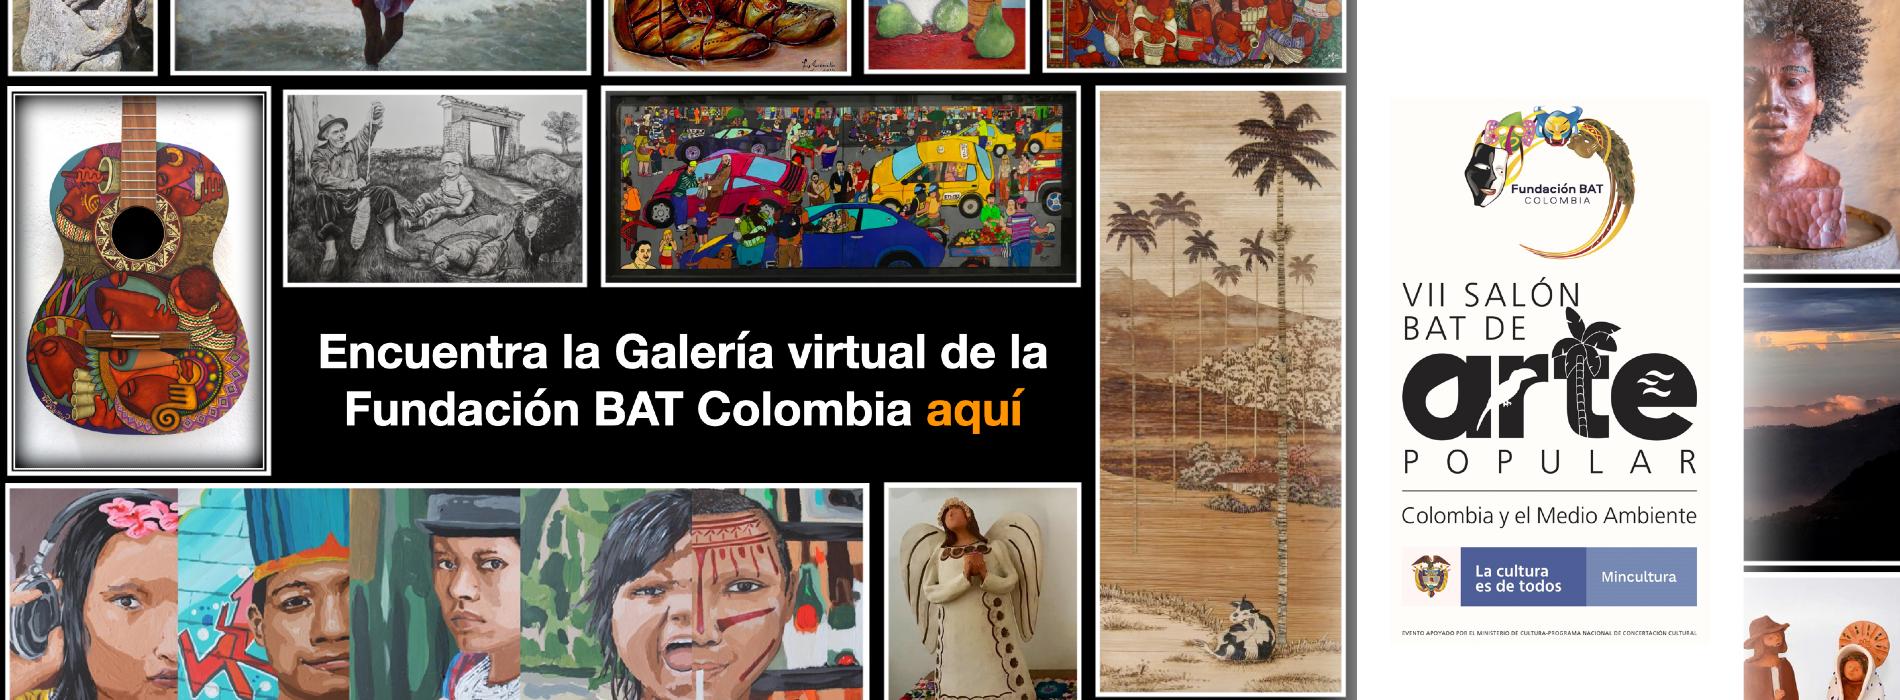 Galería Virtual BAT